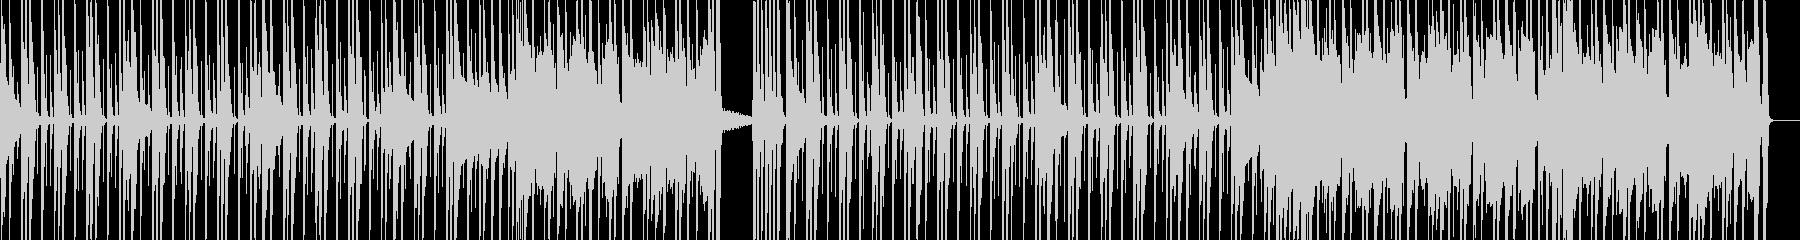 ベースと手拍子が印象的、アクティブな曲の未再生の波形